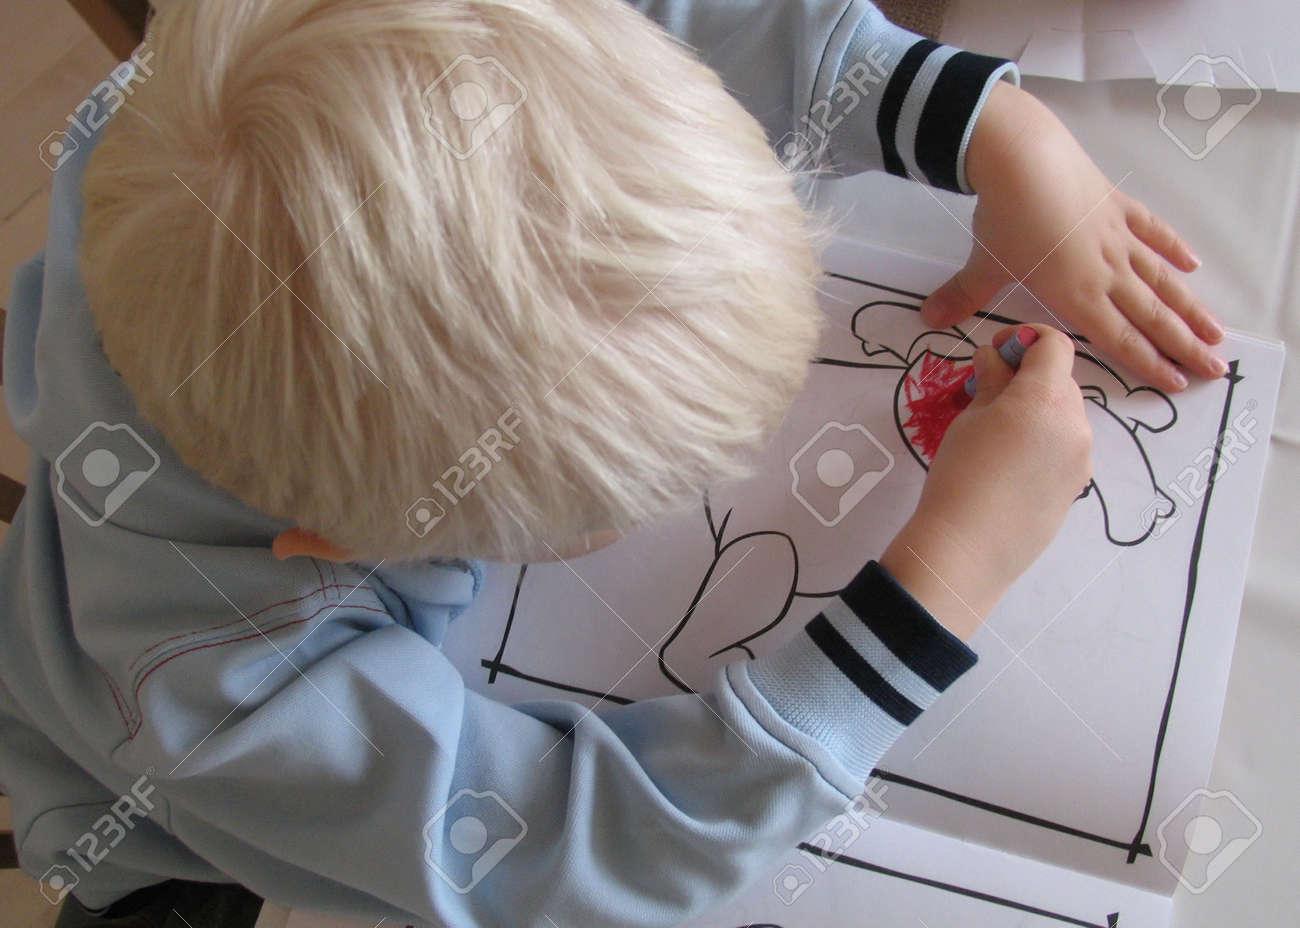 上から見た彼の塗り絵と 3 歳の男の子 の写真素材画像素材 Image 280850